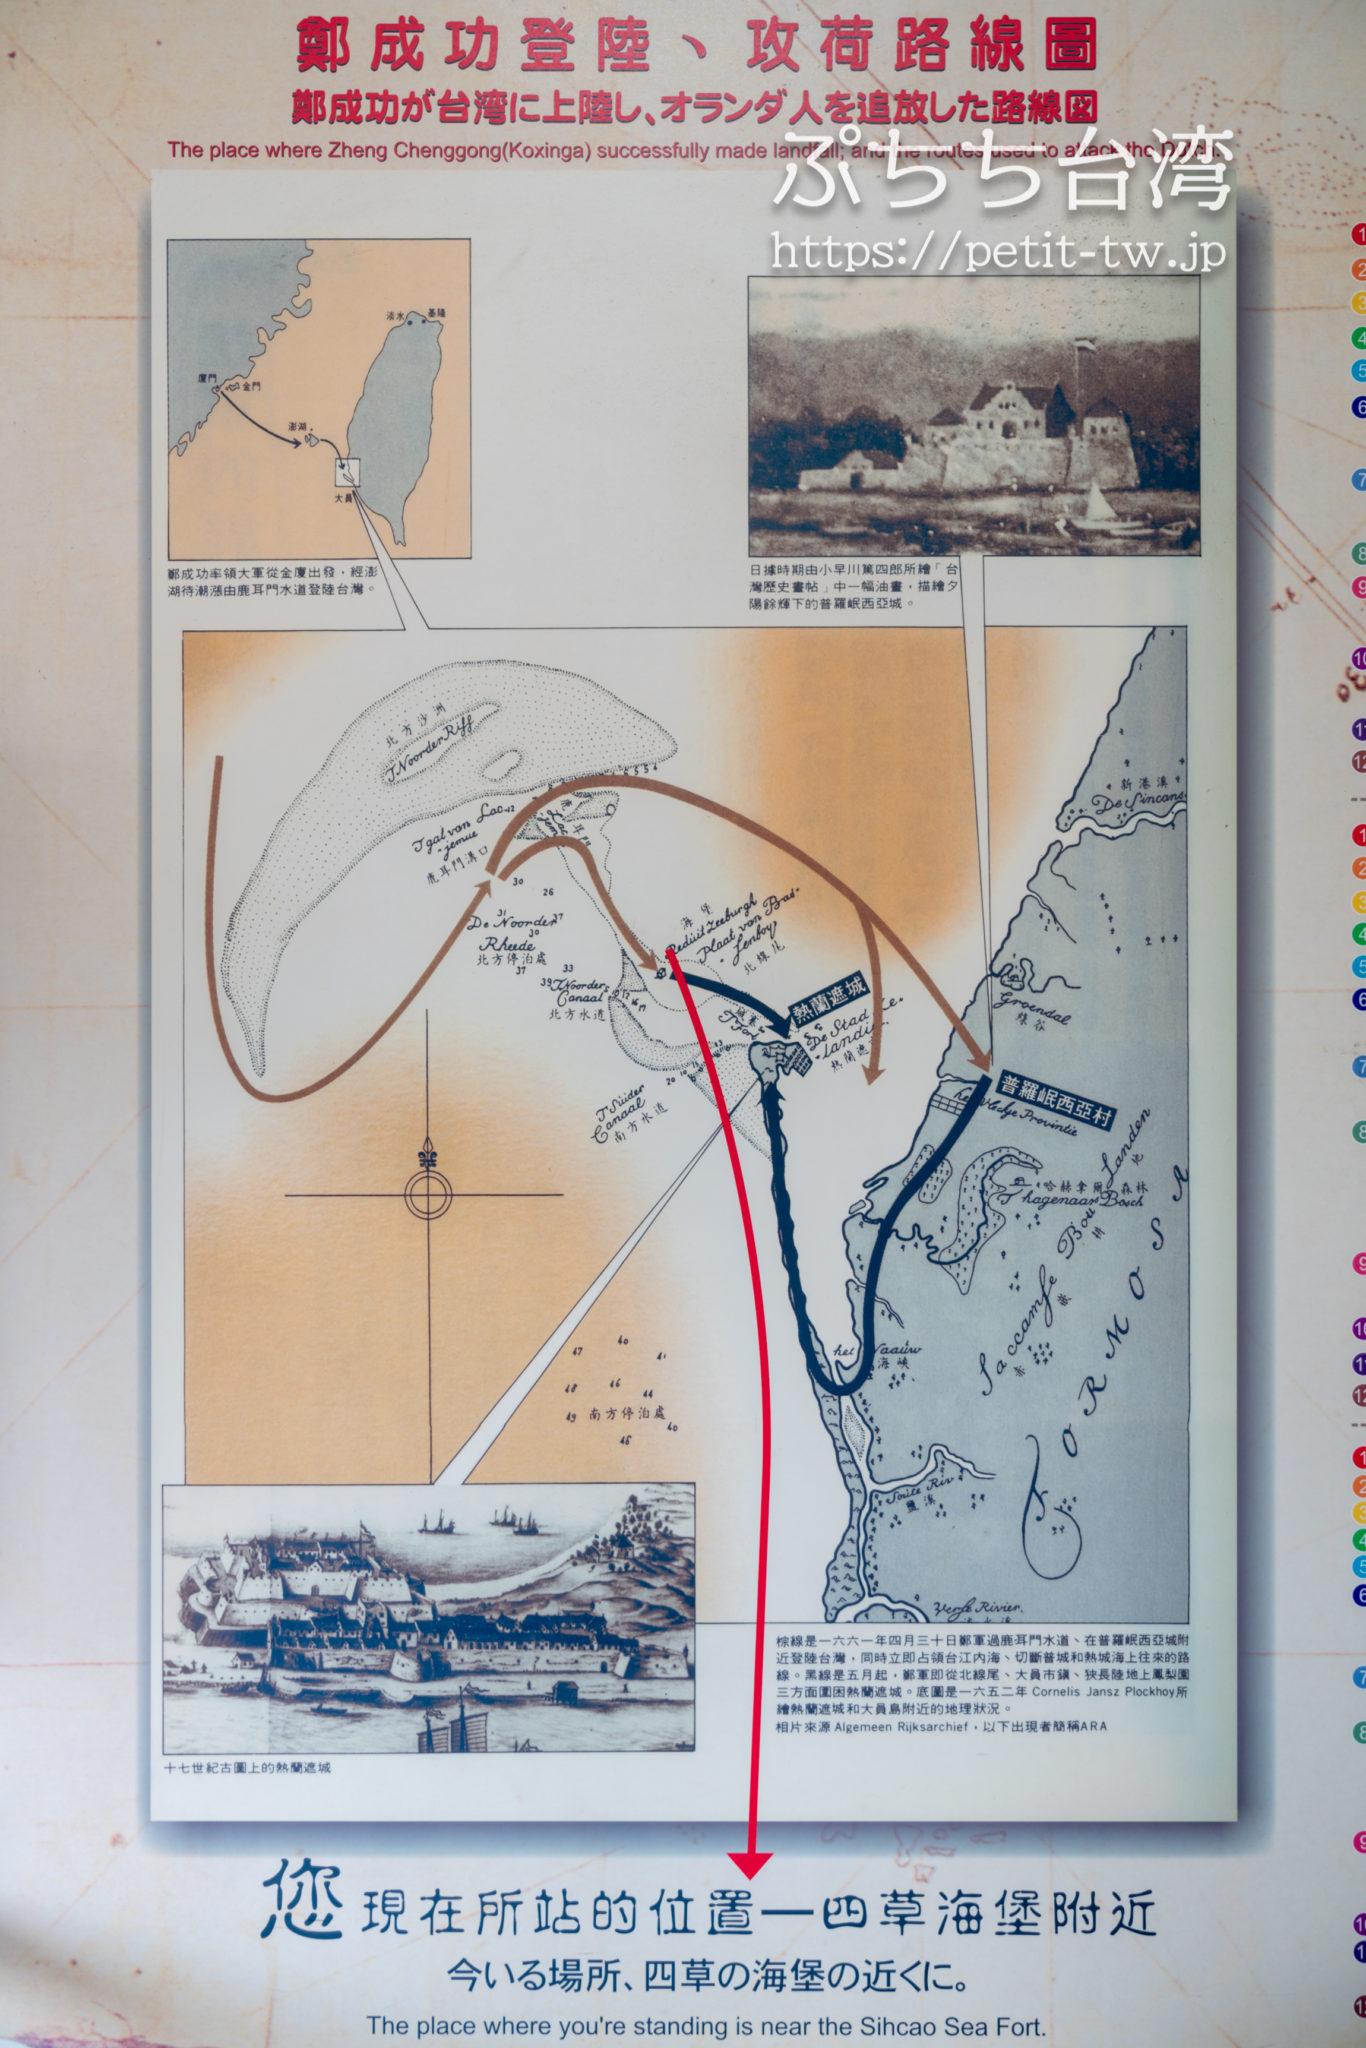 鄭成功が台湾に上陸し、オランダ人を追放した路線図